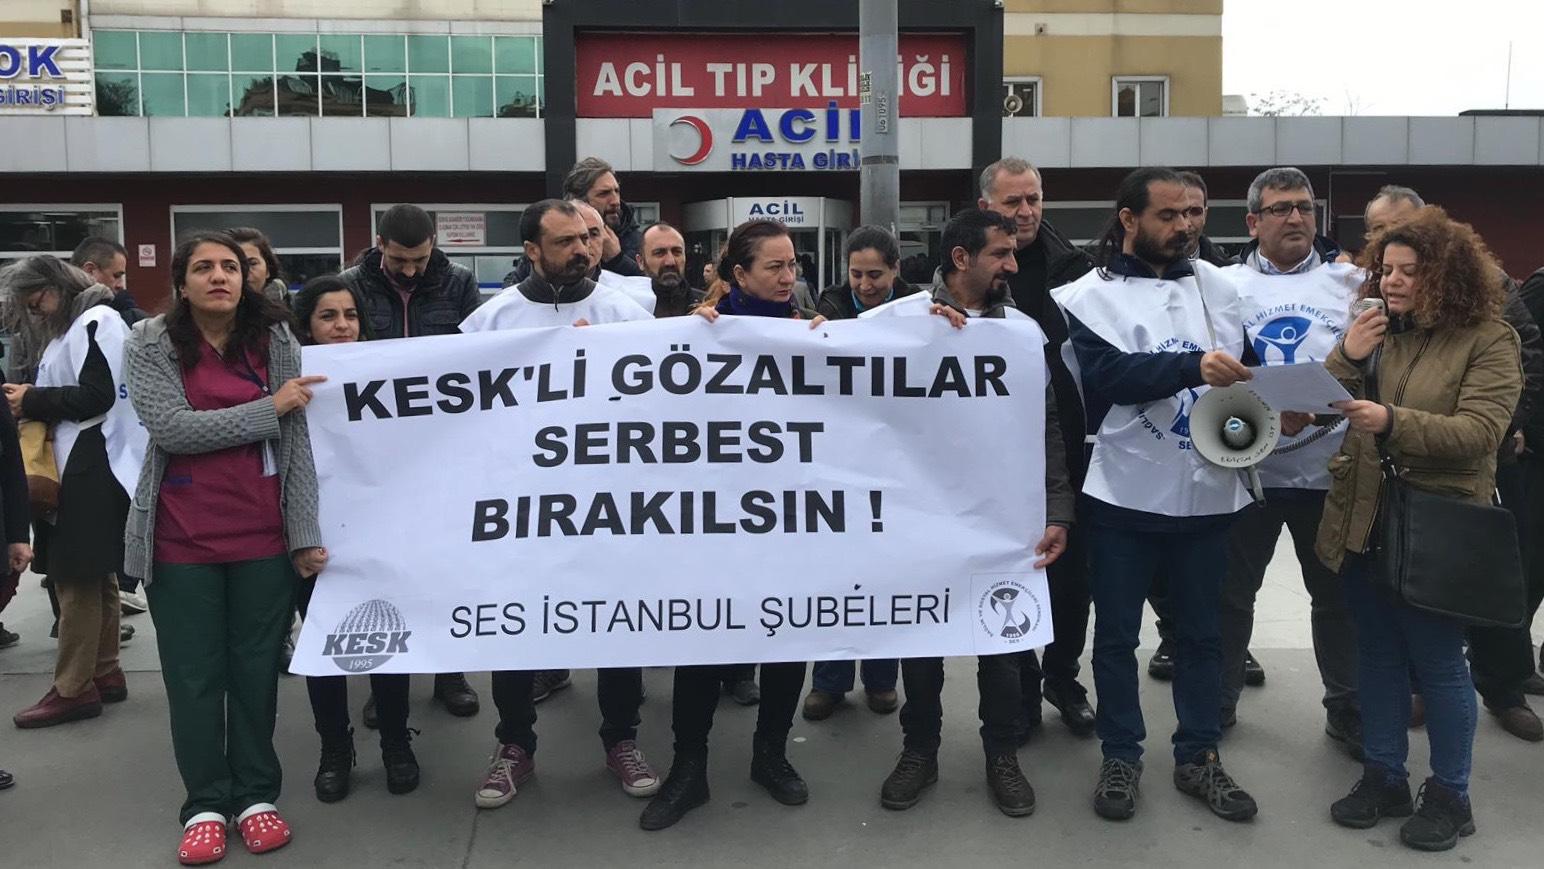 SES İstanbul Şubeleri: Eş Başkanımız ve KESK'liler Derhal Serbest Bırakılsın